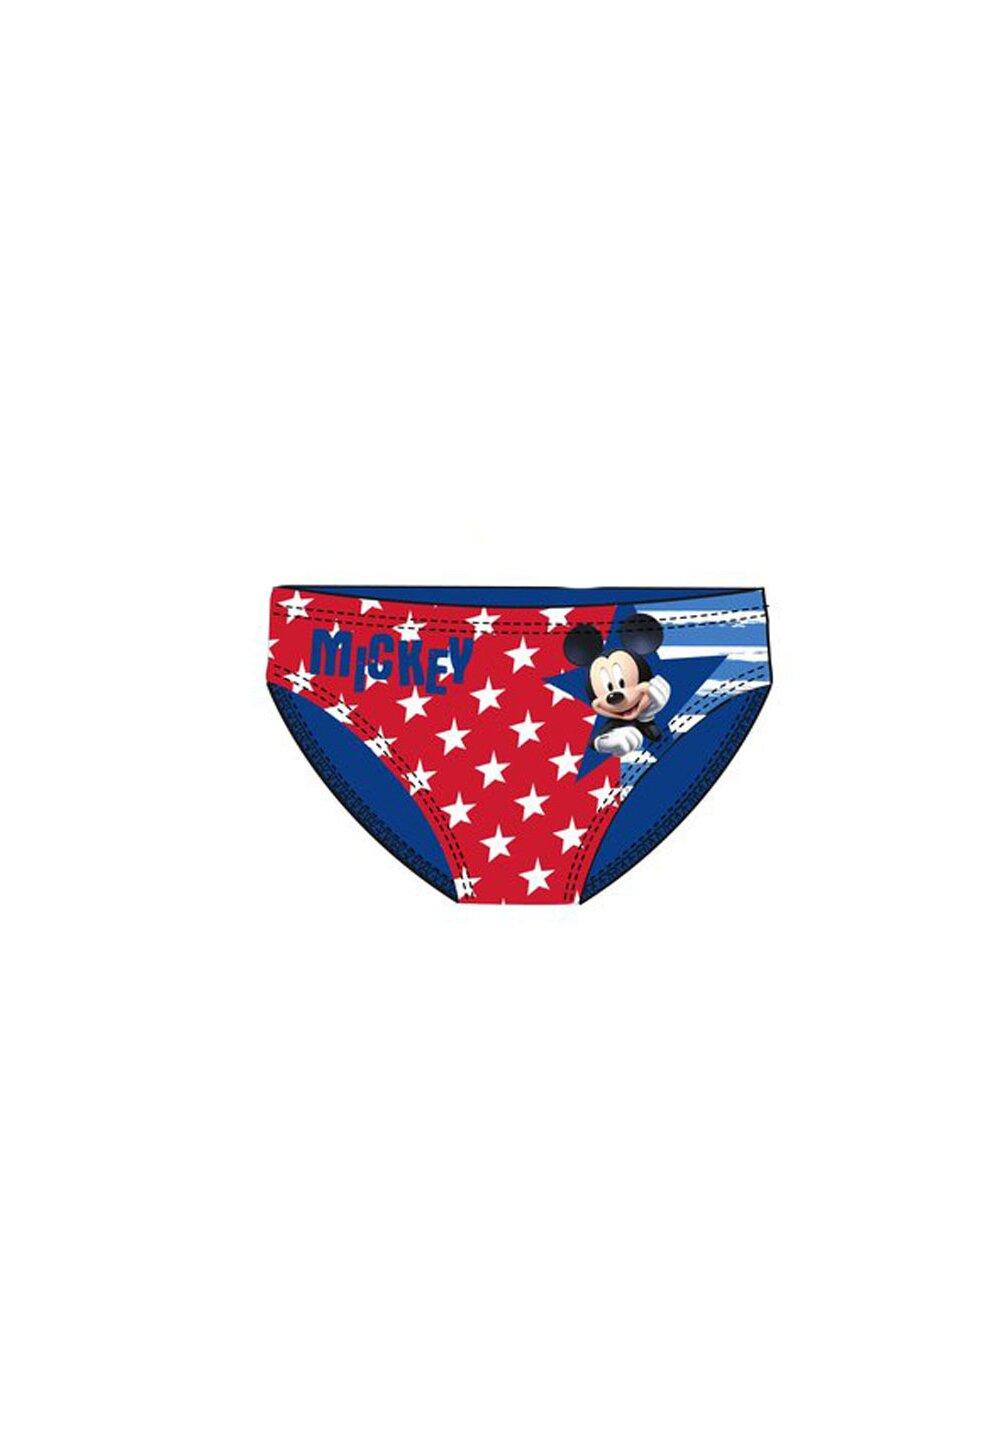 Slip de baie, Mickey Mouse, albastru cu stelute imagine